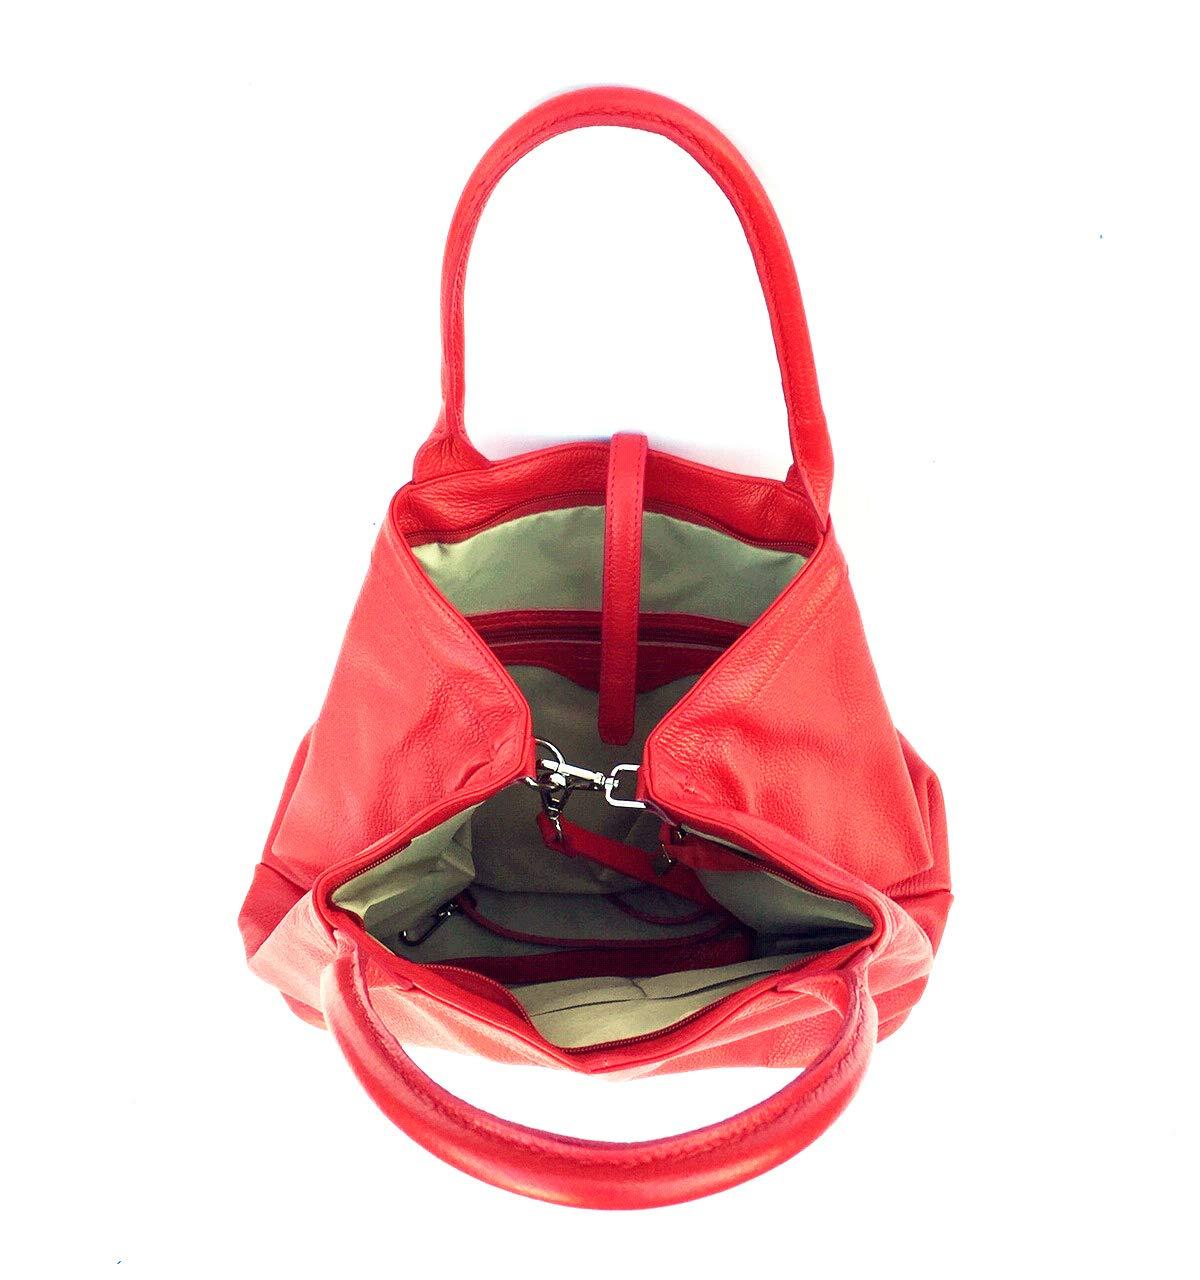 Superflygbags damväska modell HERA XL axelväska äkta läder Made In Italy röd